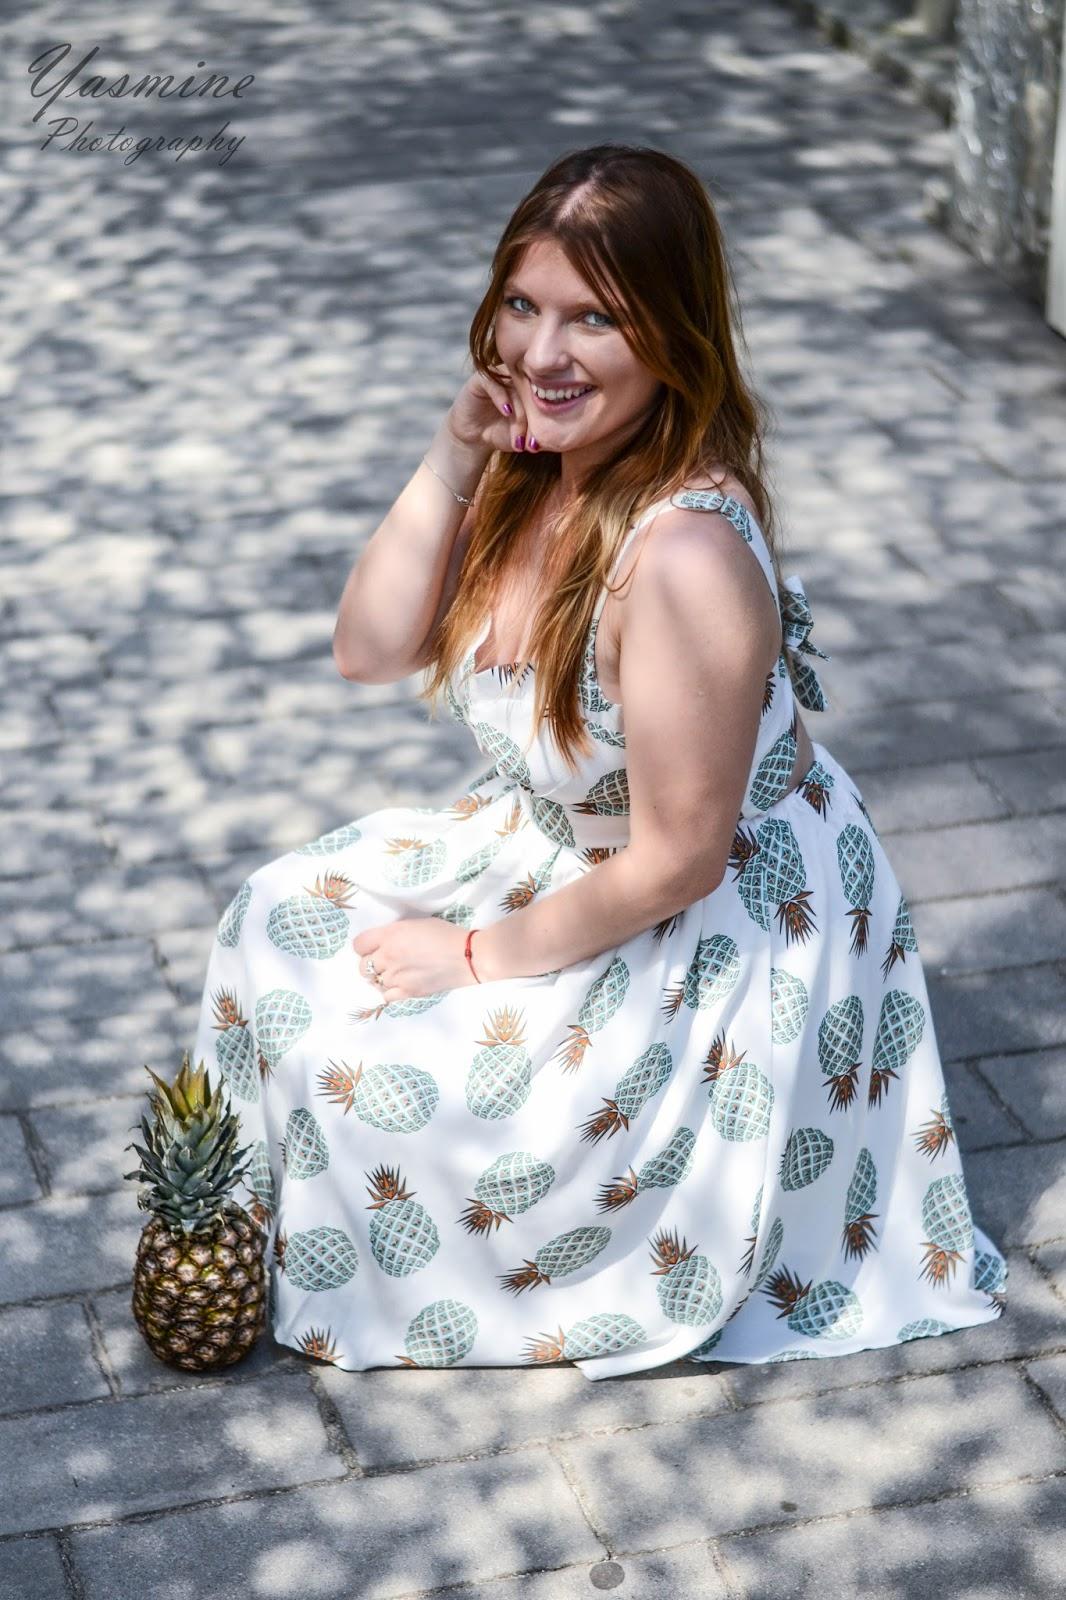 czy warto kupowac na stronach chińskich sklepów zaful sammydress dresslink sukienka w ananasy chińskie sklepy internetowe jakość pineapple dress fashion style melodylaniella yasmine photography q